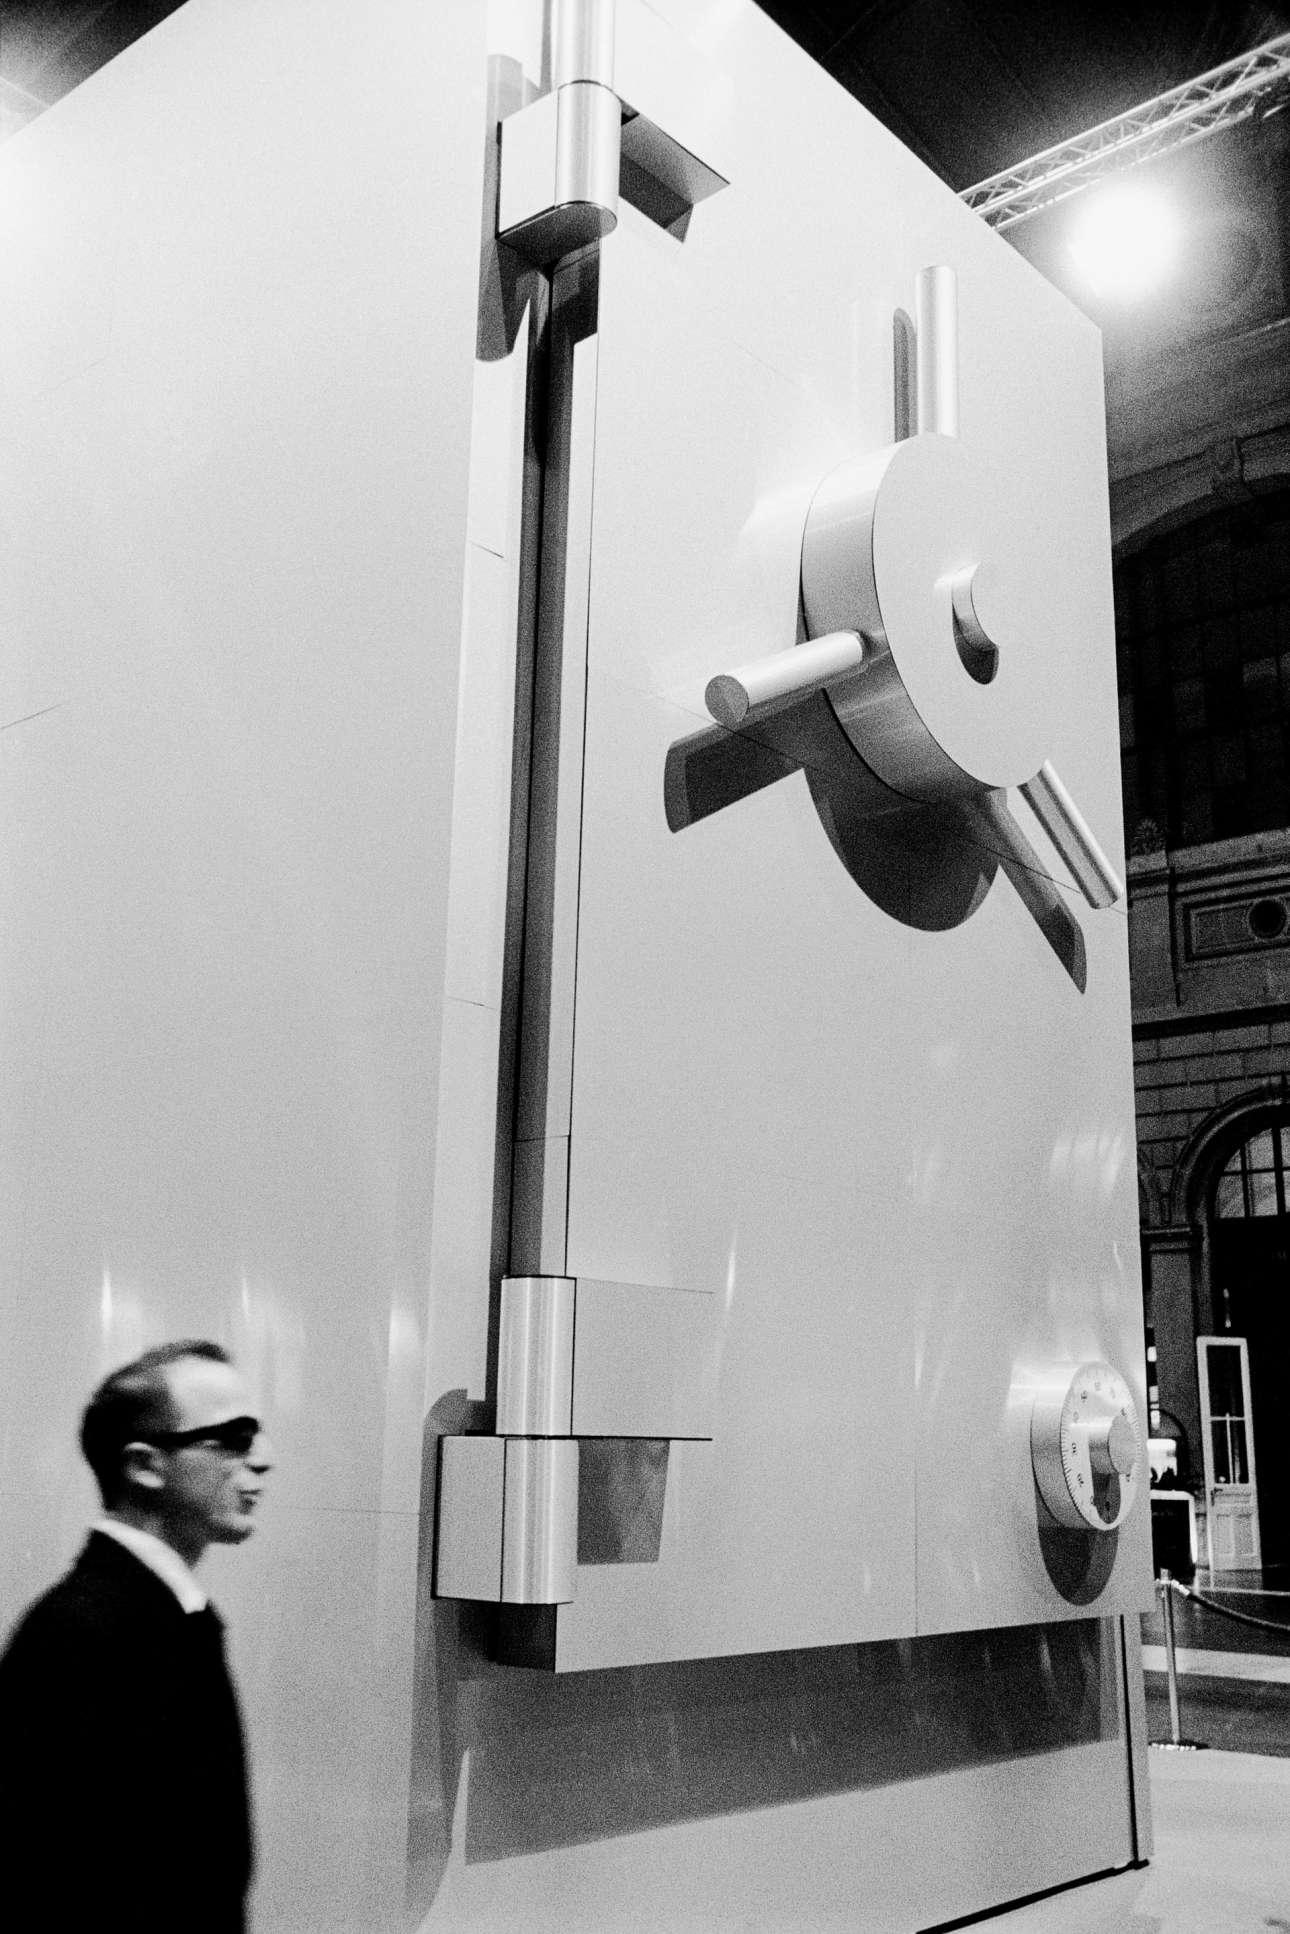 Φορώντας κοστούμι και γυαλιά, ο άνδρας στέκεται δίπλα σε ένα πελώριο ψεύτικο χρηματοκιβώτιο, στον κεντρικό σταθμό της Ζυρίχης